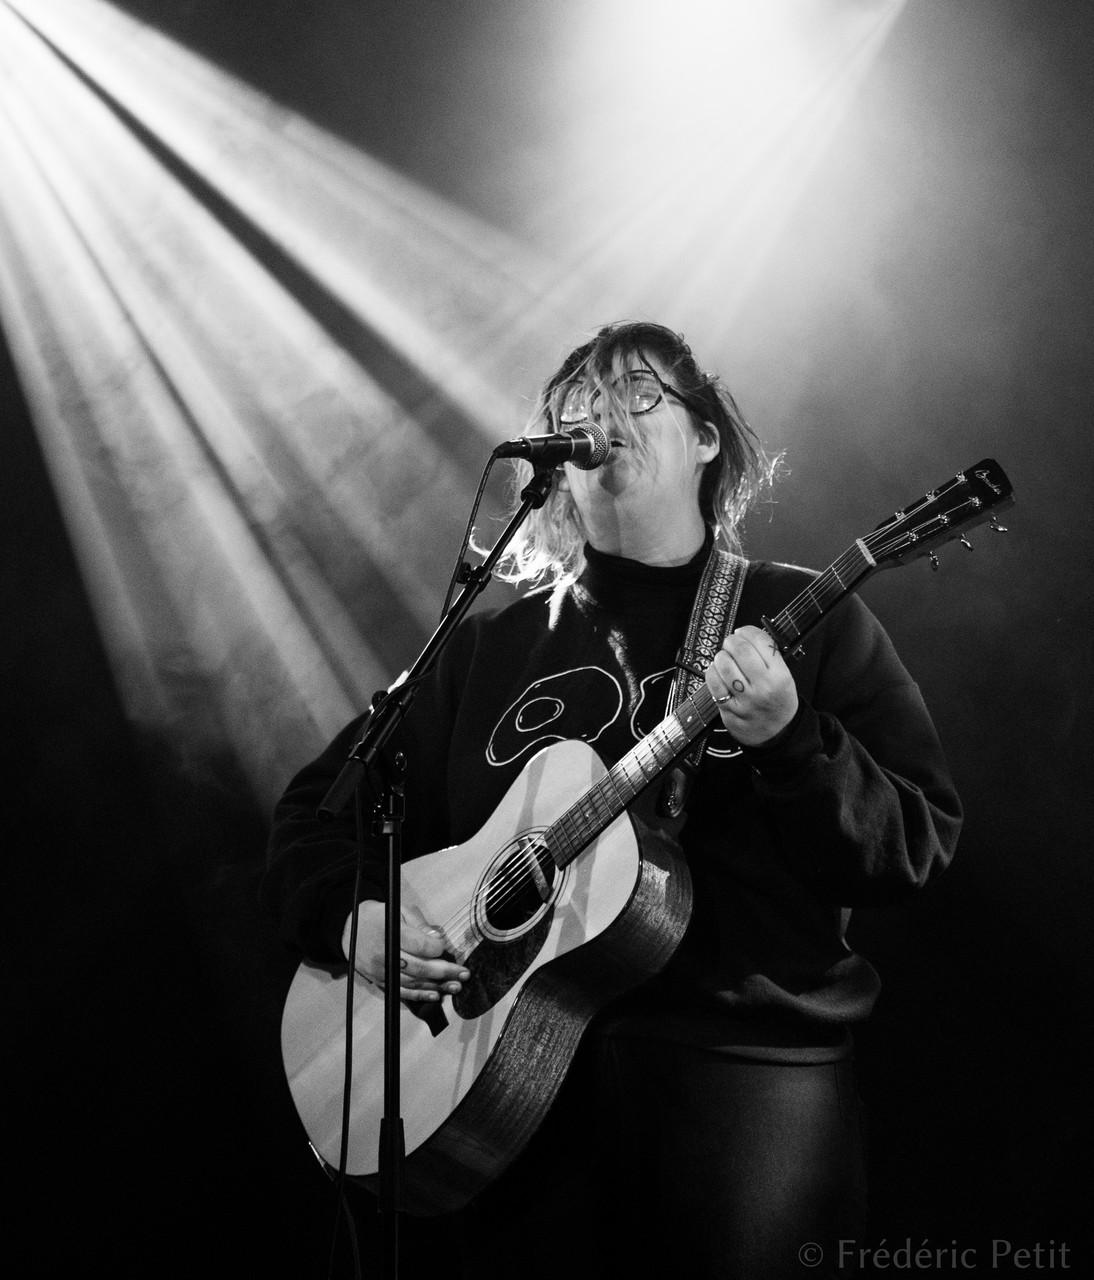 11 décembre 2015 - Safia Nolin @ Pan Piper (Showcases Pros du Festival Aurores Montréal)